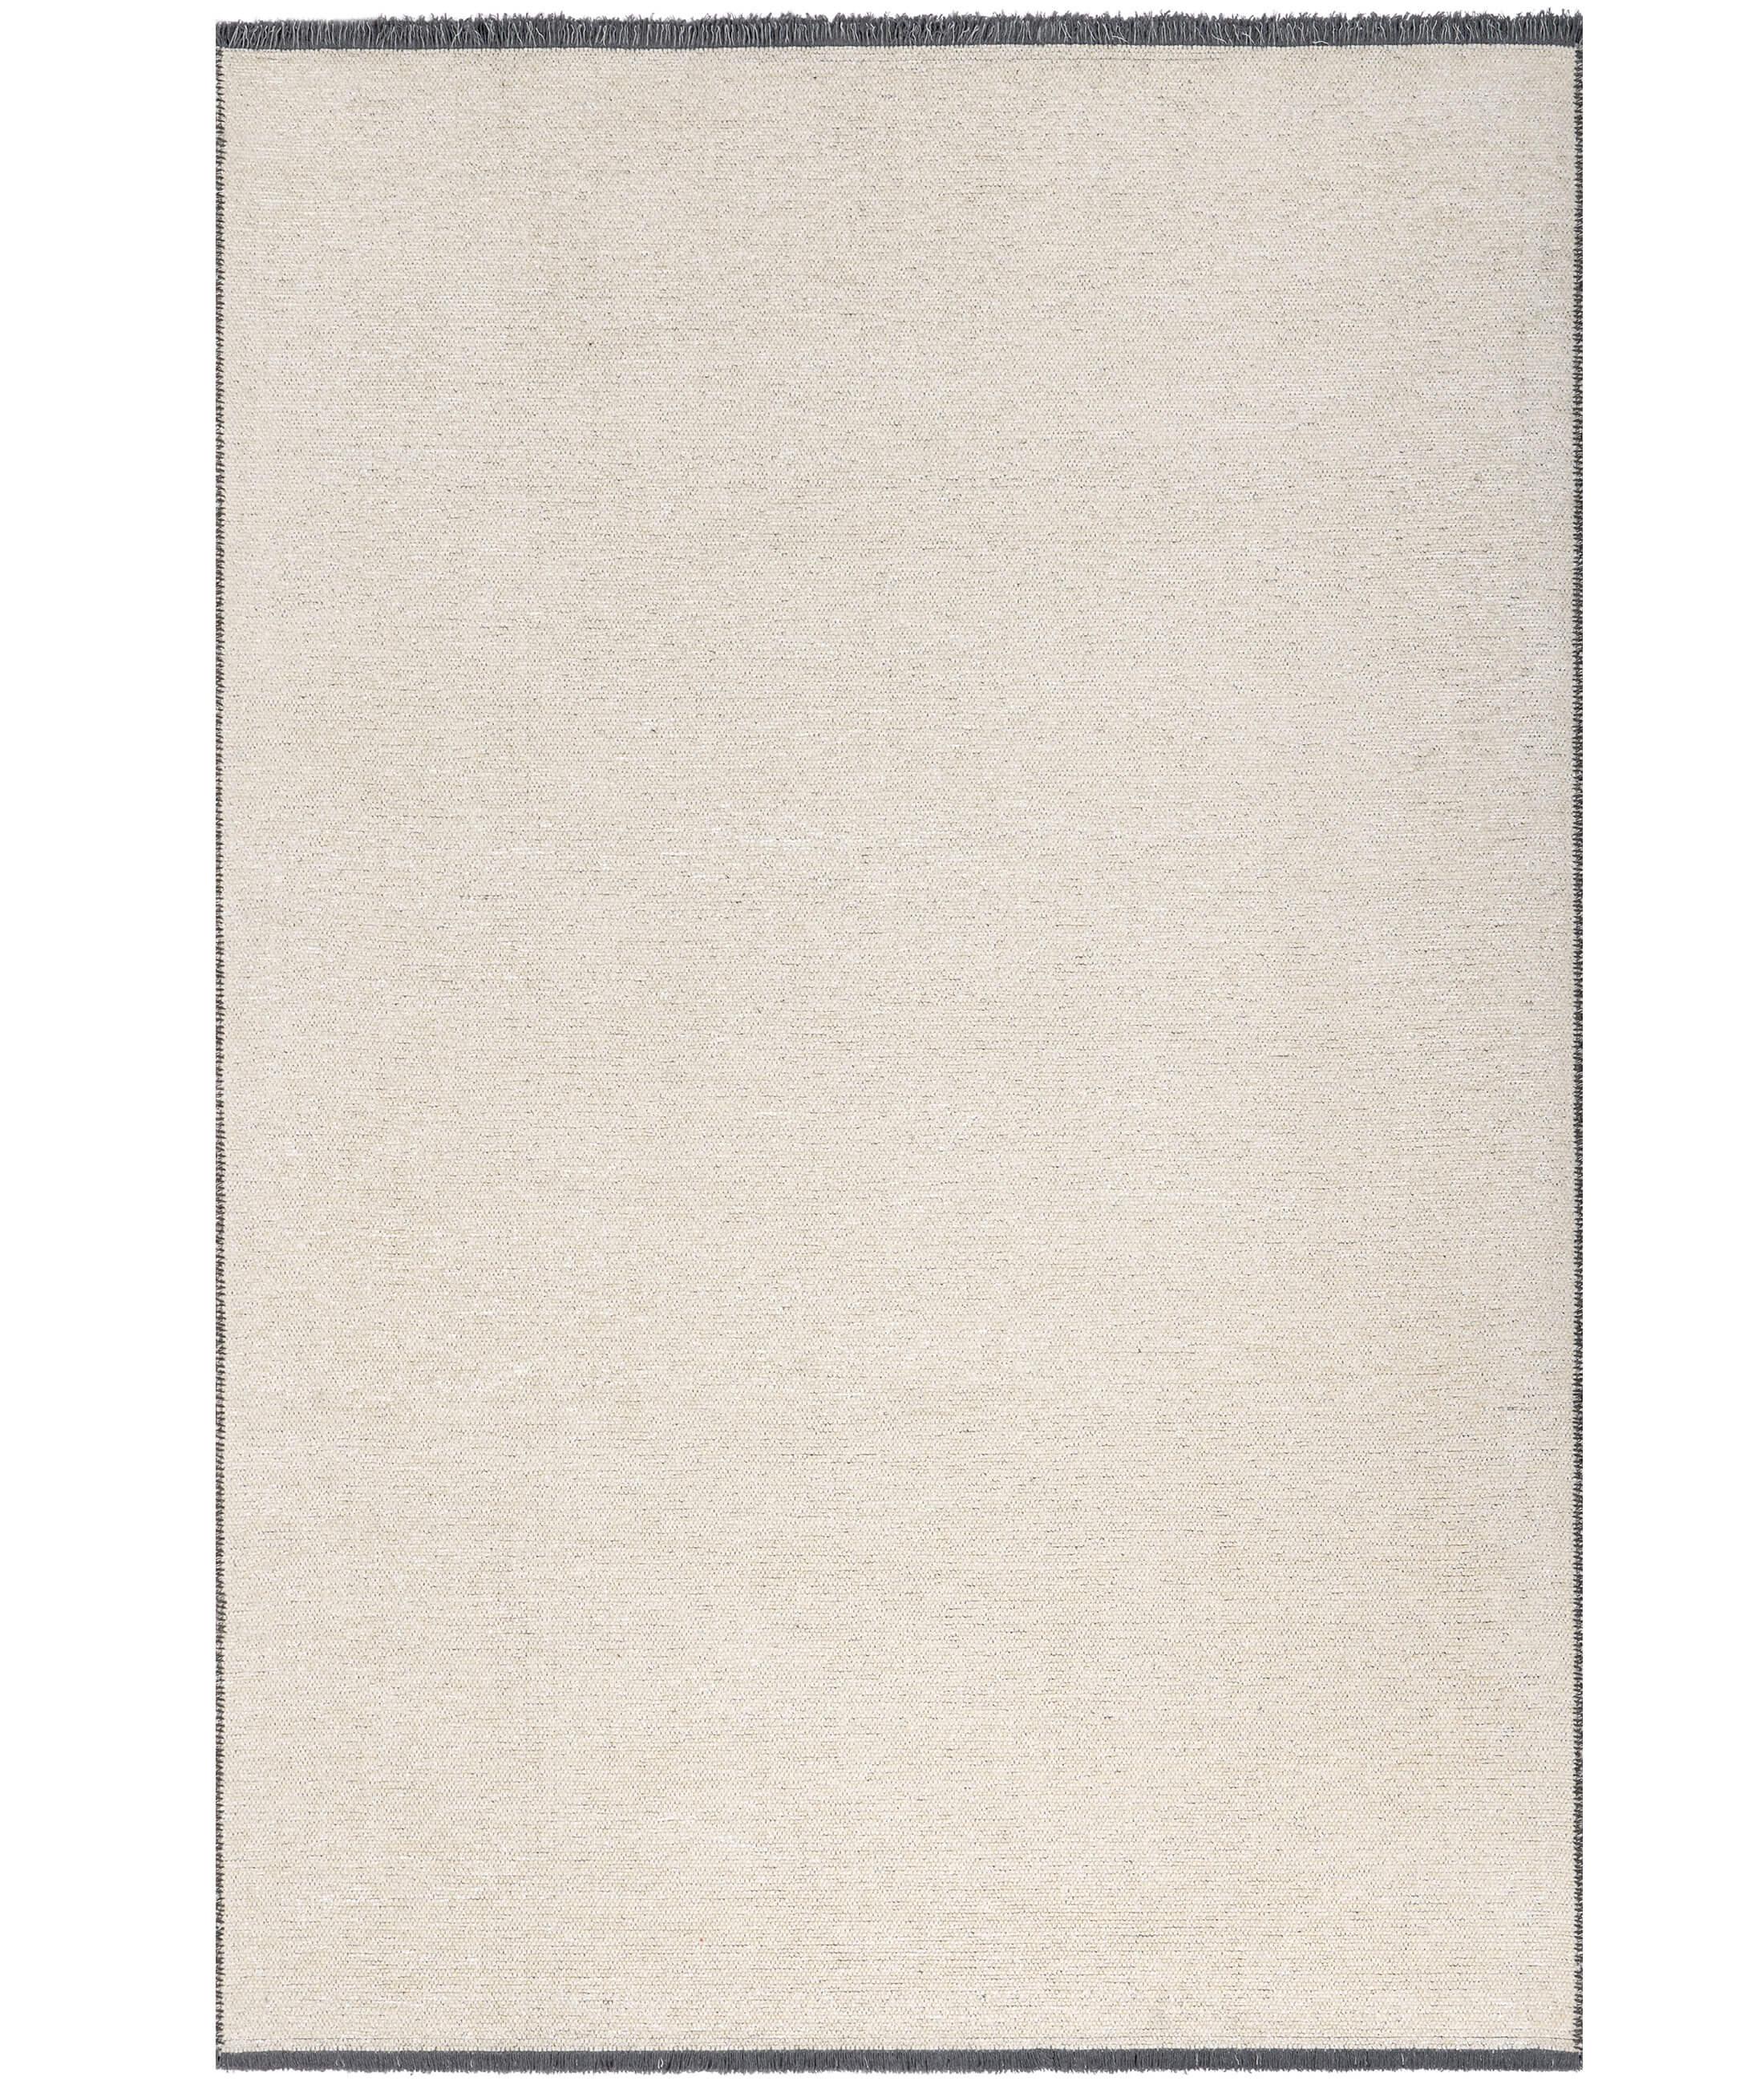 Toscana Cream Carpet 24021A